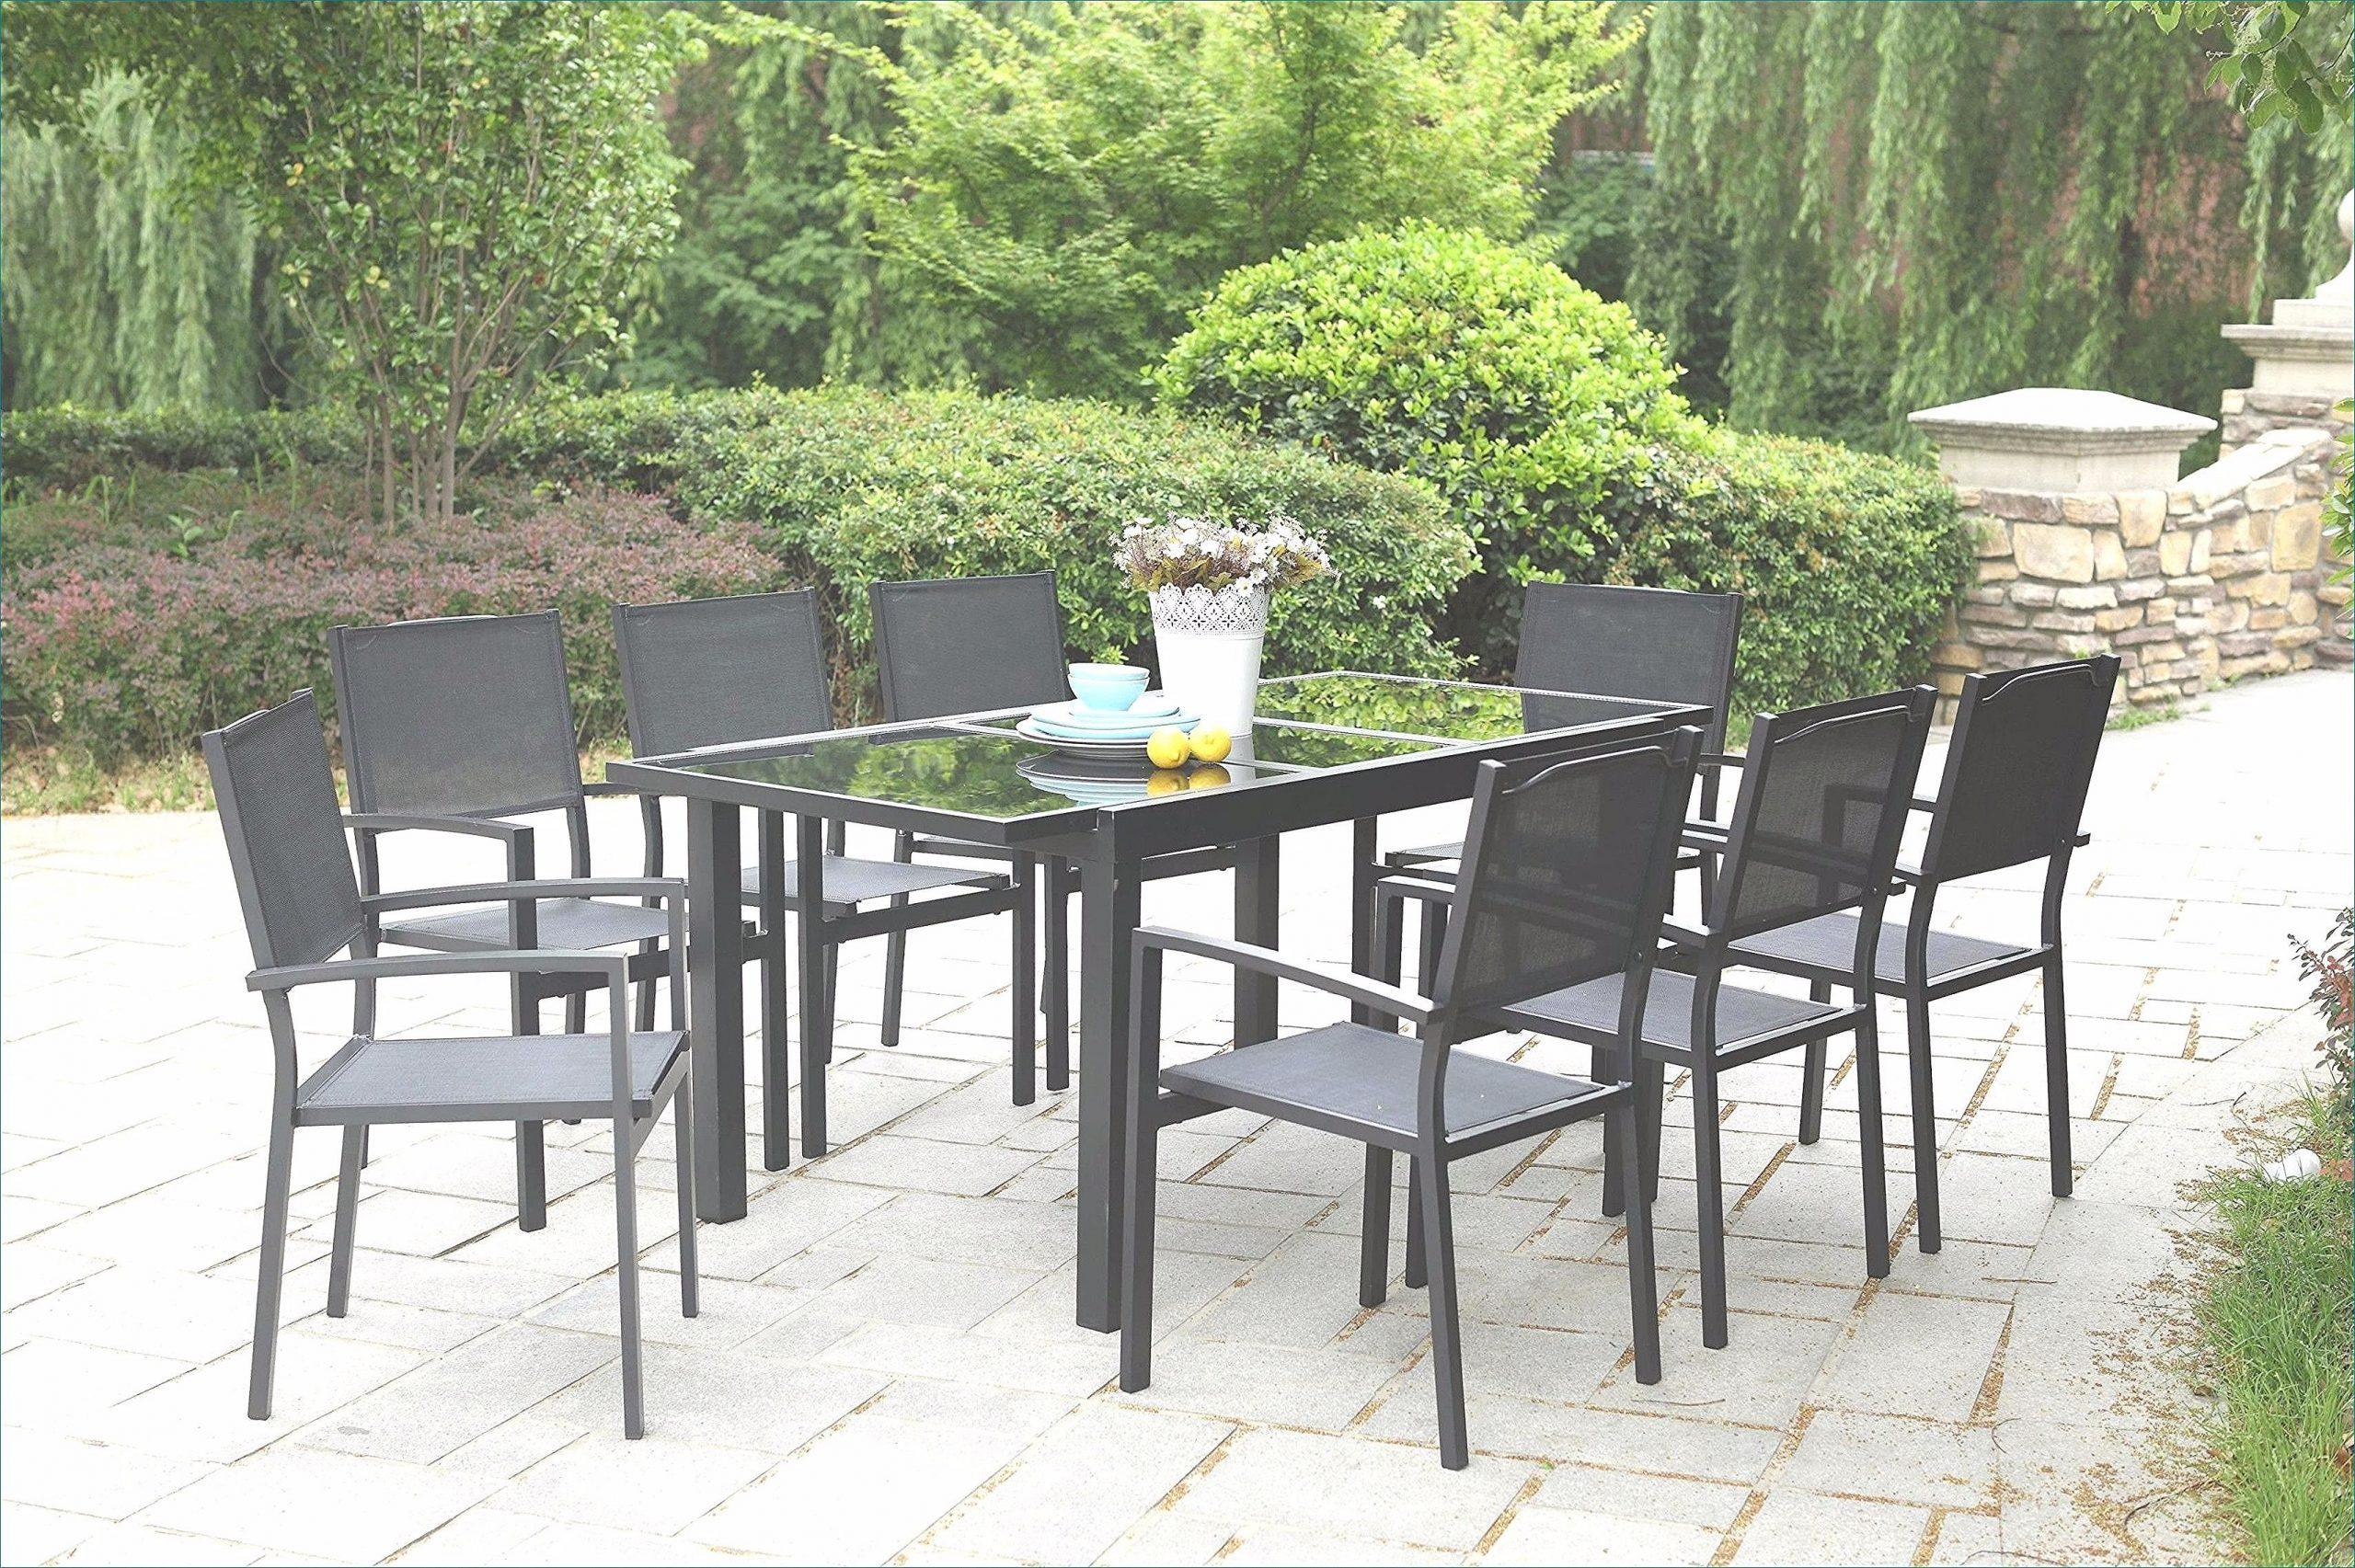 Salon De Jardin Grosfillex | Outdoor Furniture Sets, Outdoor ... tout Salon De Jardin Grosfillex